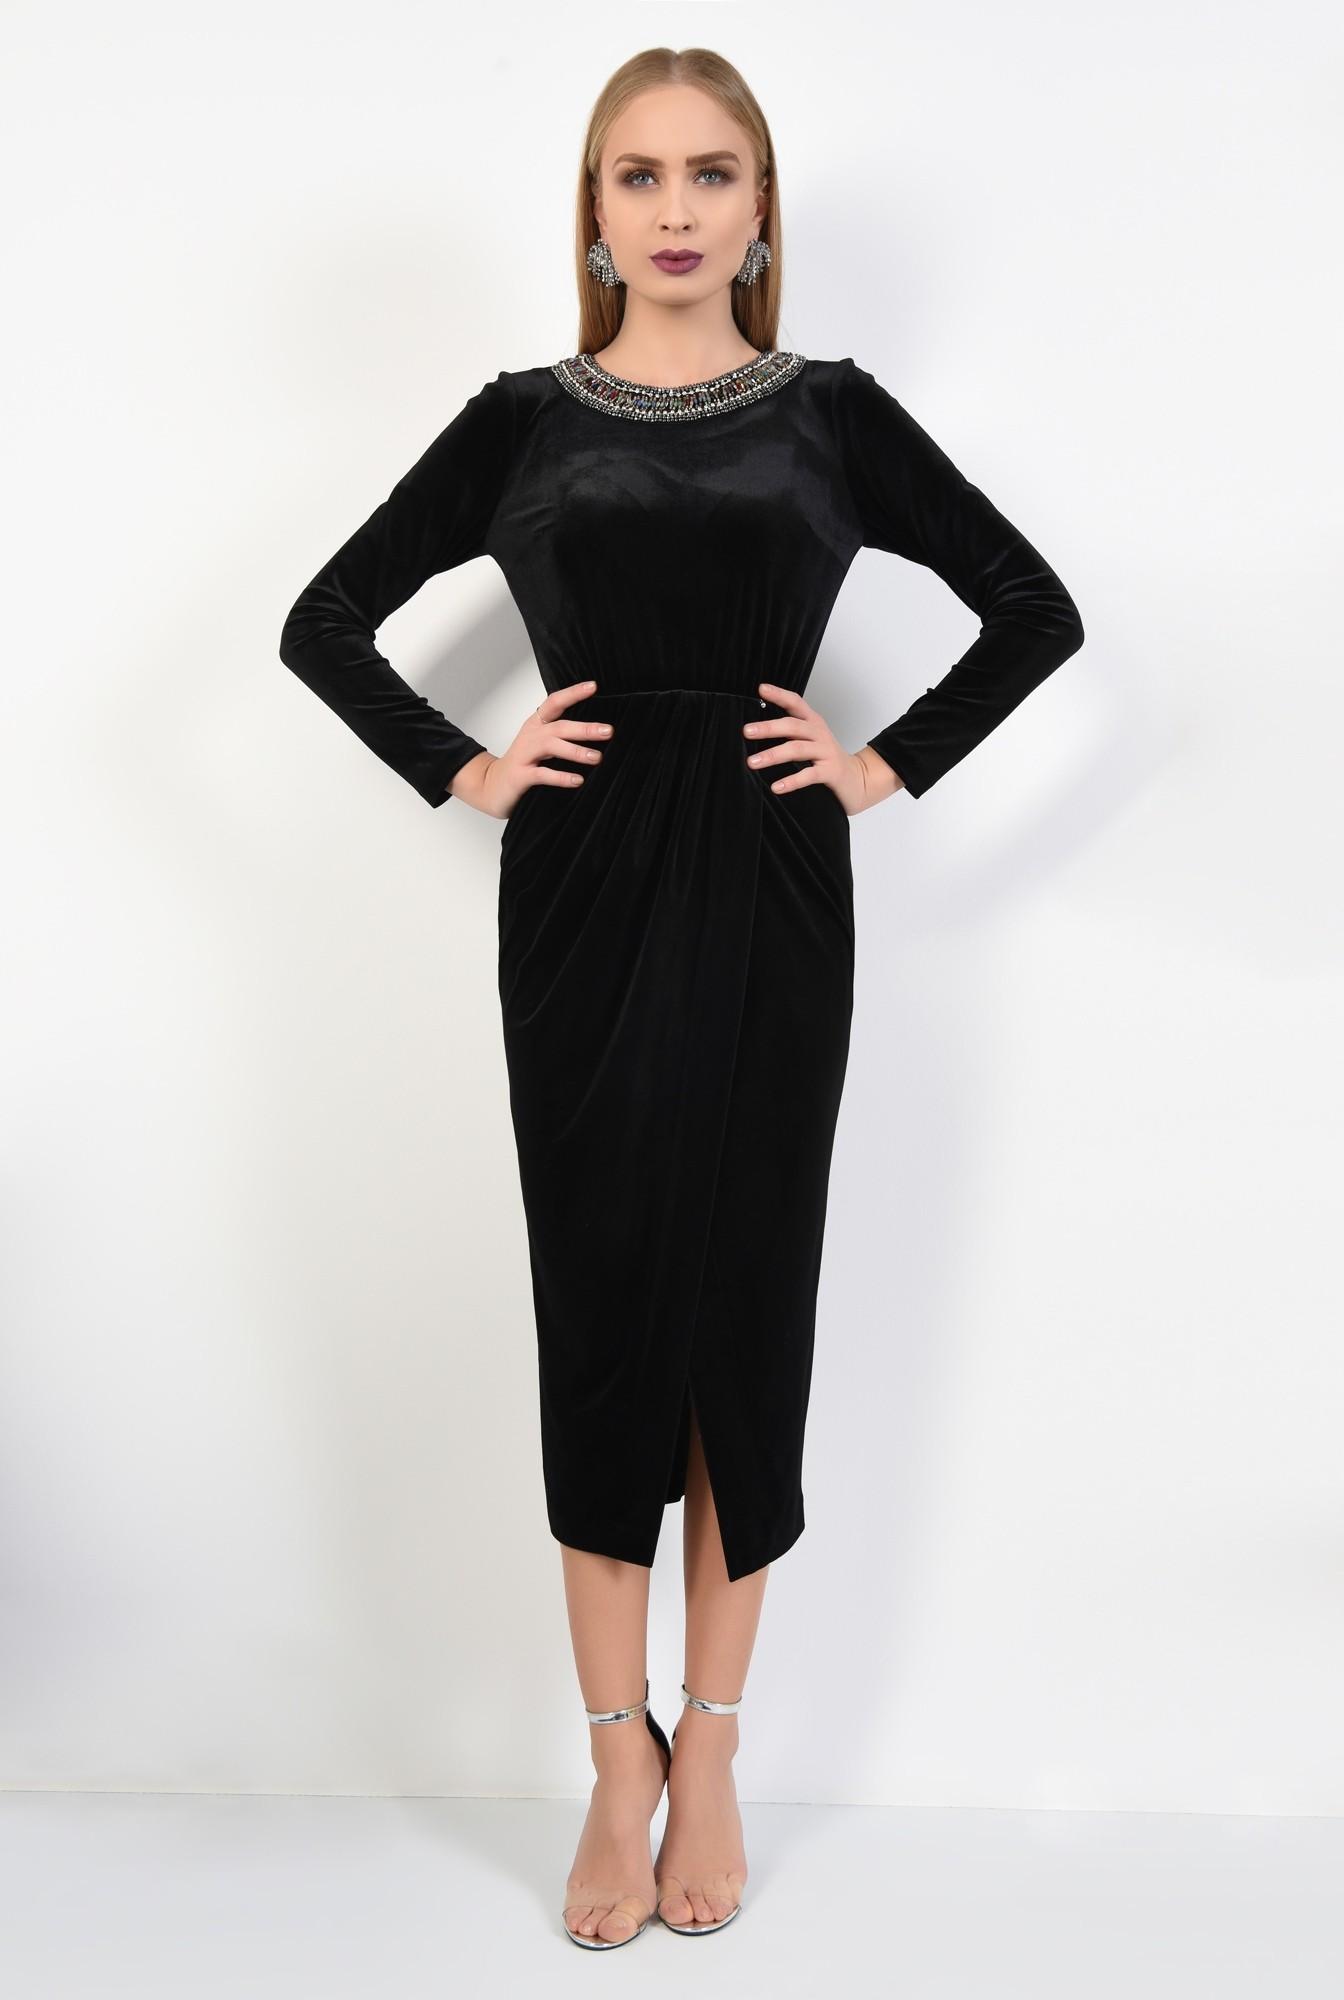 3 - rochie de seara, catifea, negru, pasmanterie la decolteu, parte peste parte